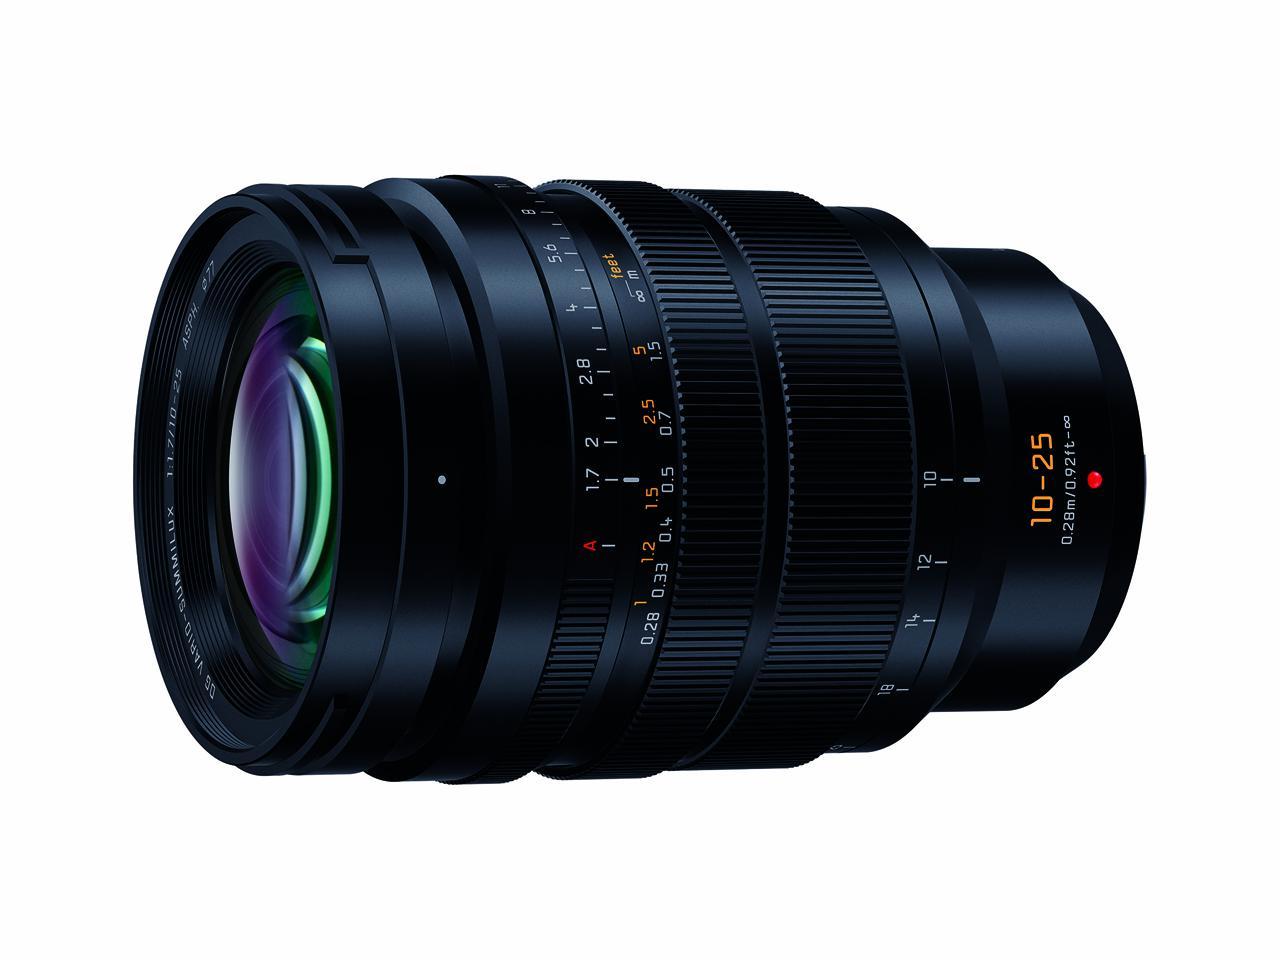 画像: パナソニック LEICA DG VARIO-SUMMILUX 10-25mm / F1.7 ASPH.